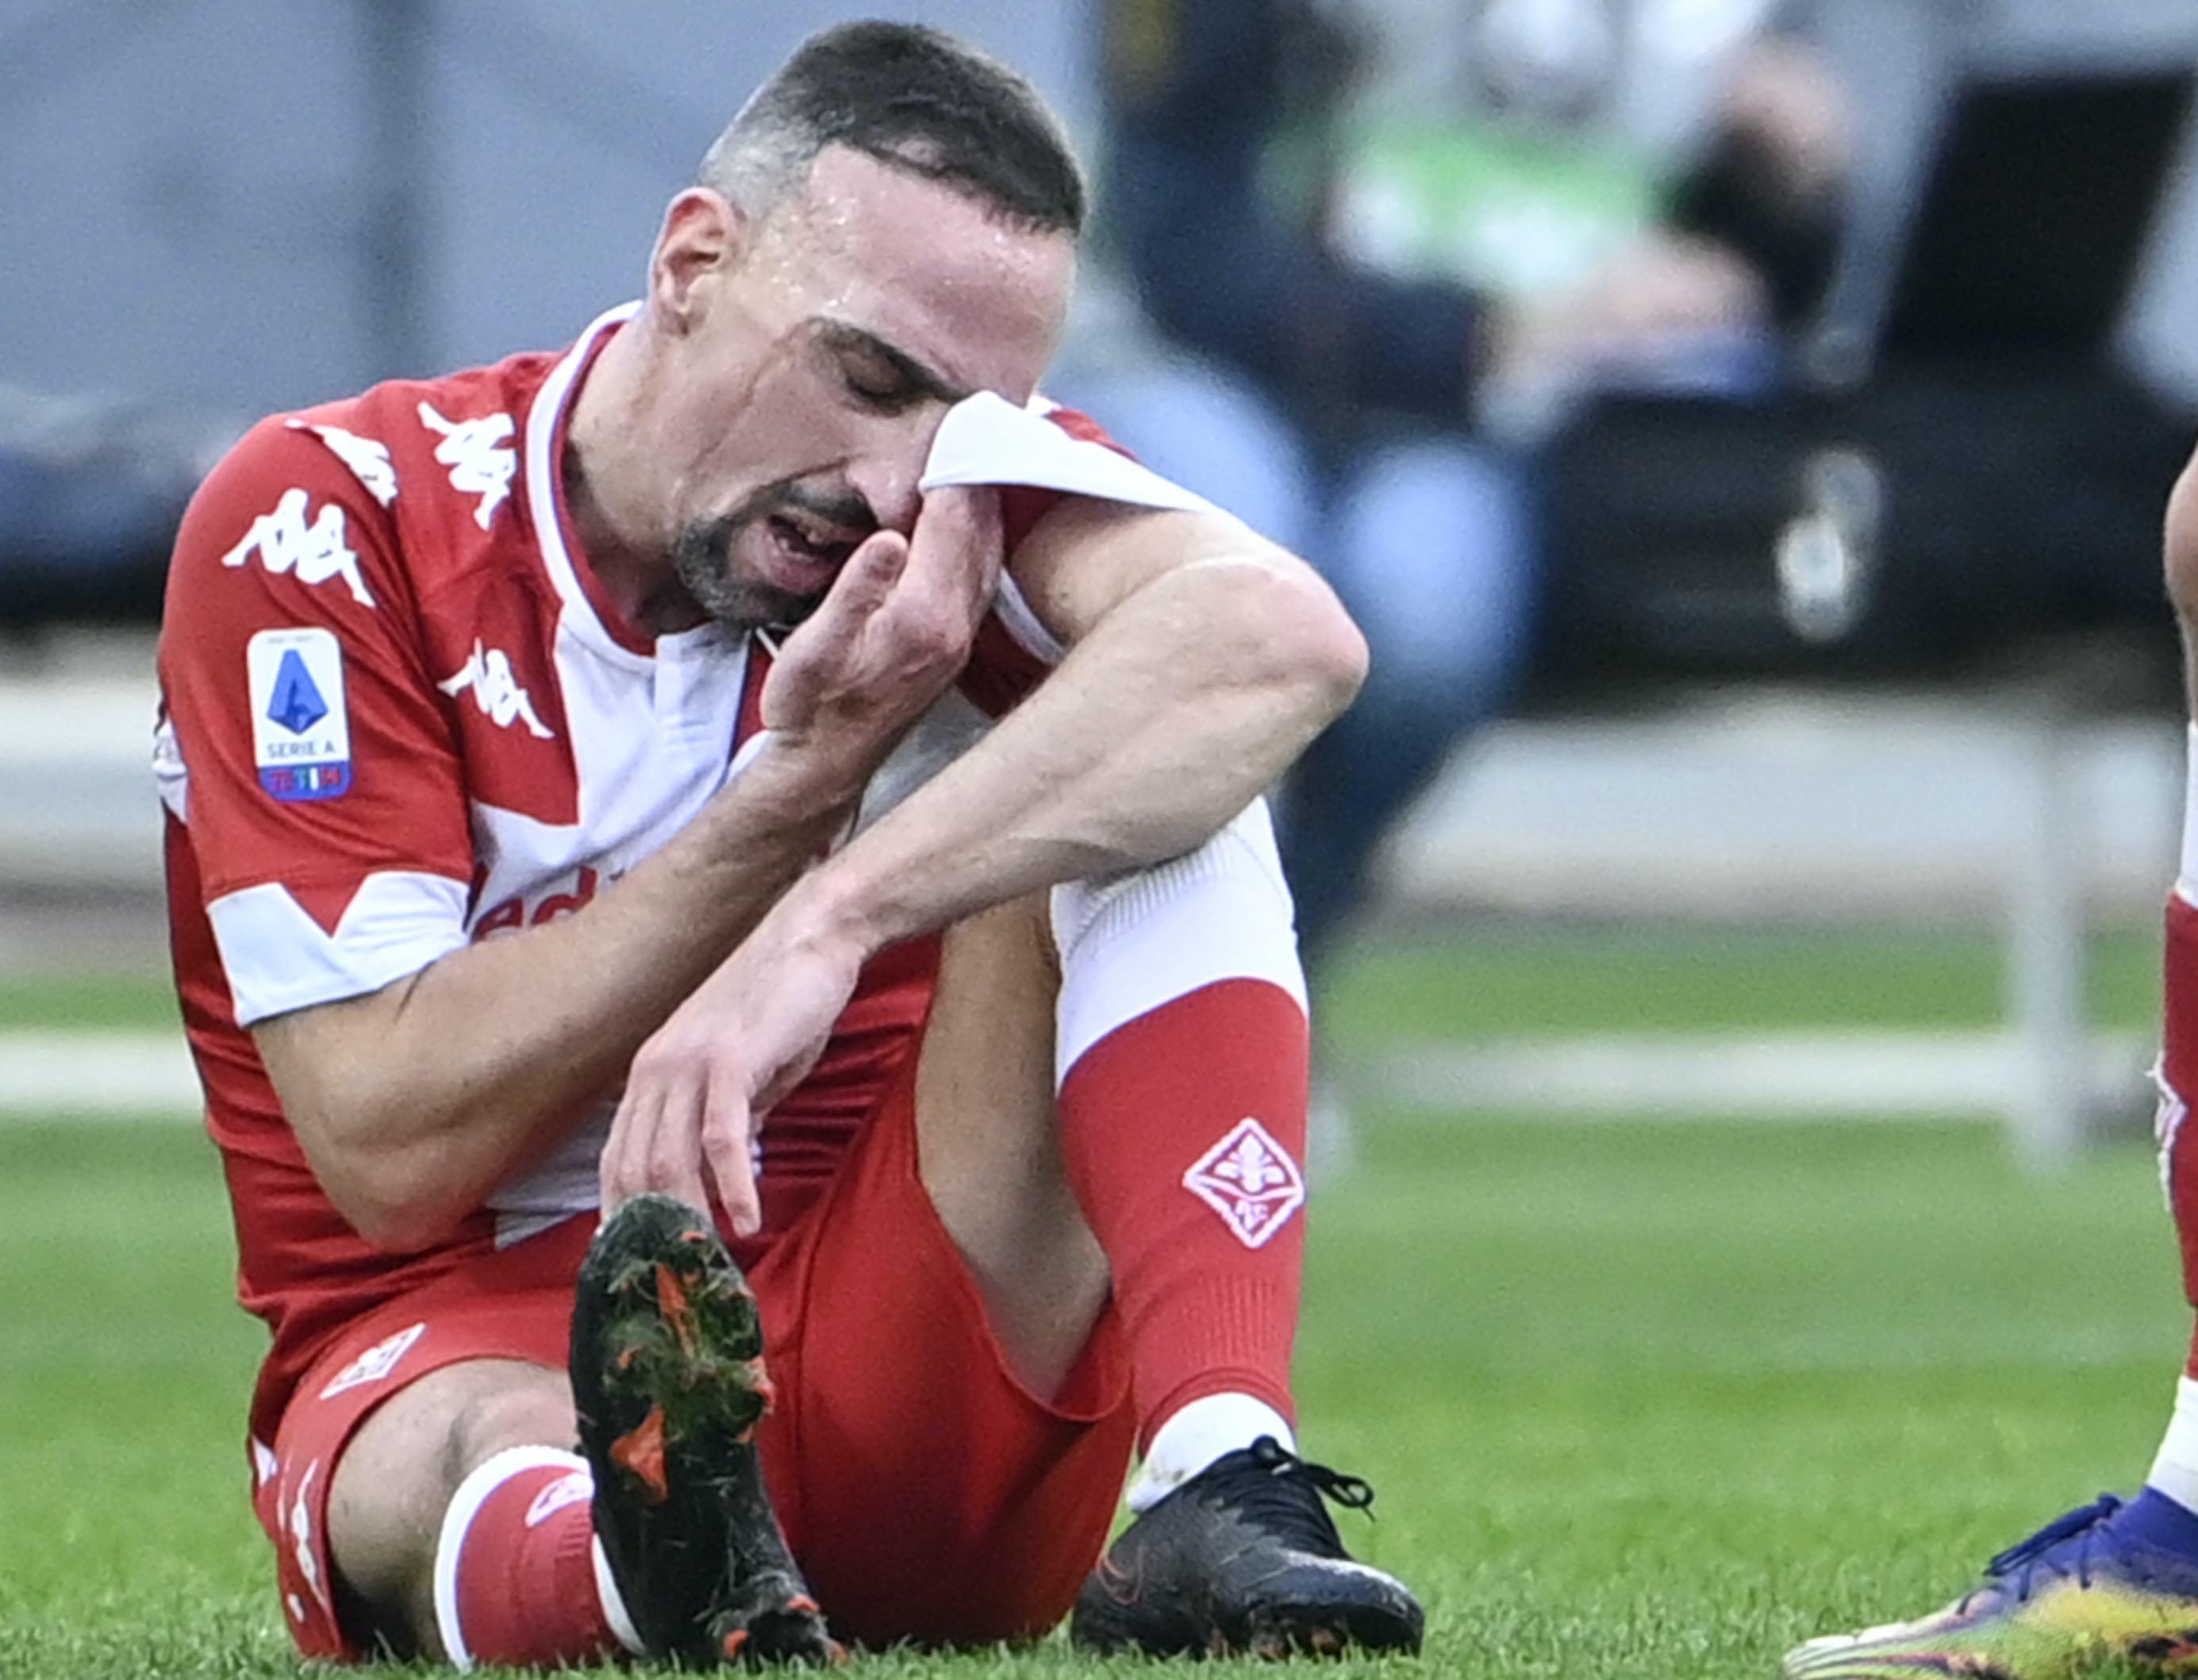 Fiorentina, le sensazioni per Ribery dopo il provino. Restano due dubbi di formazione